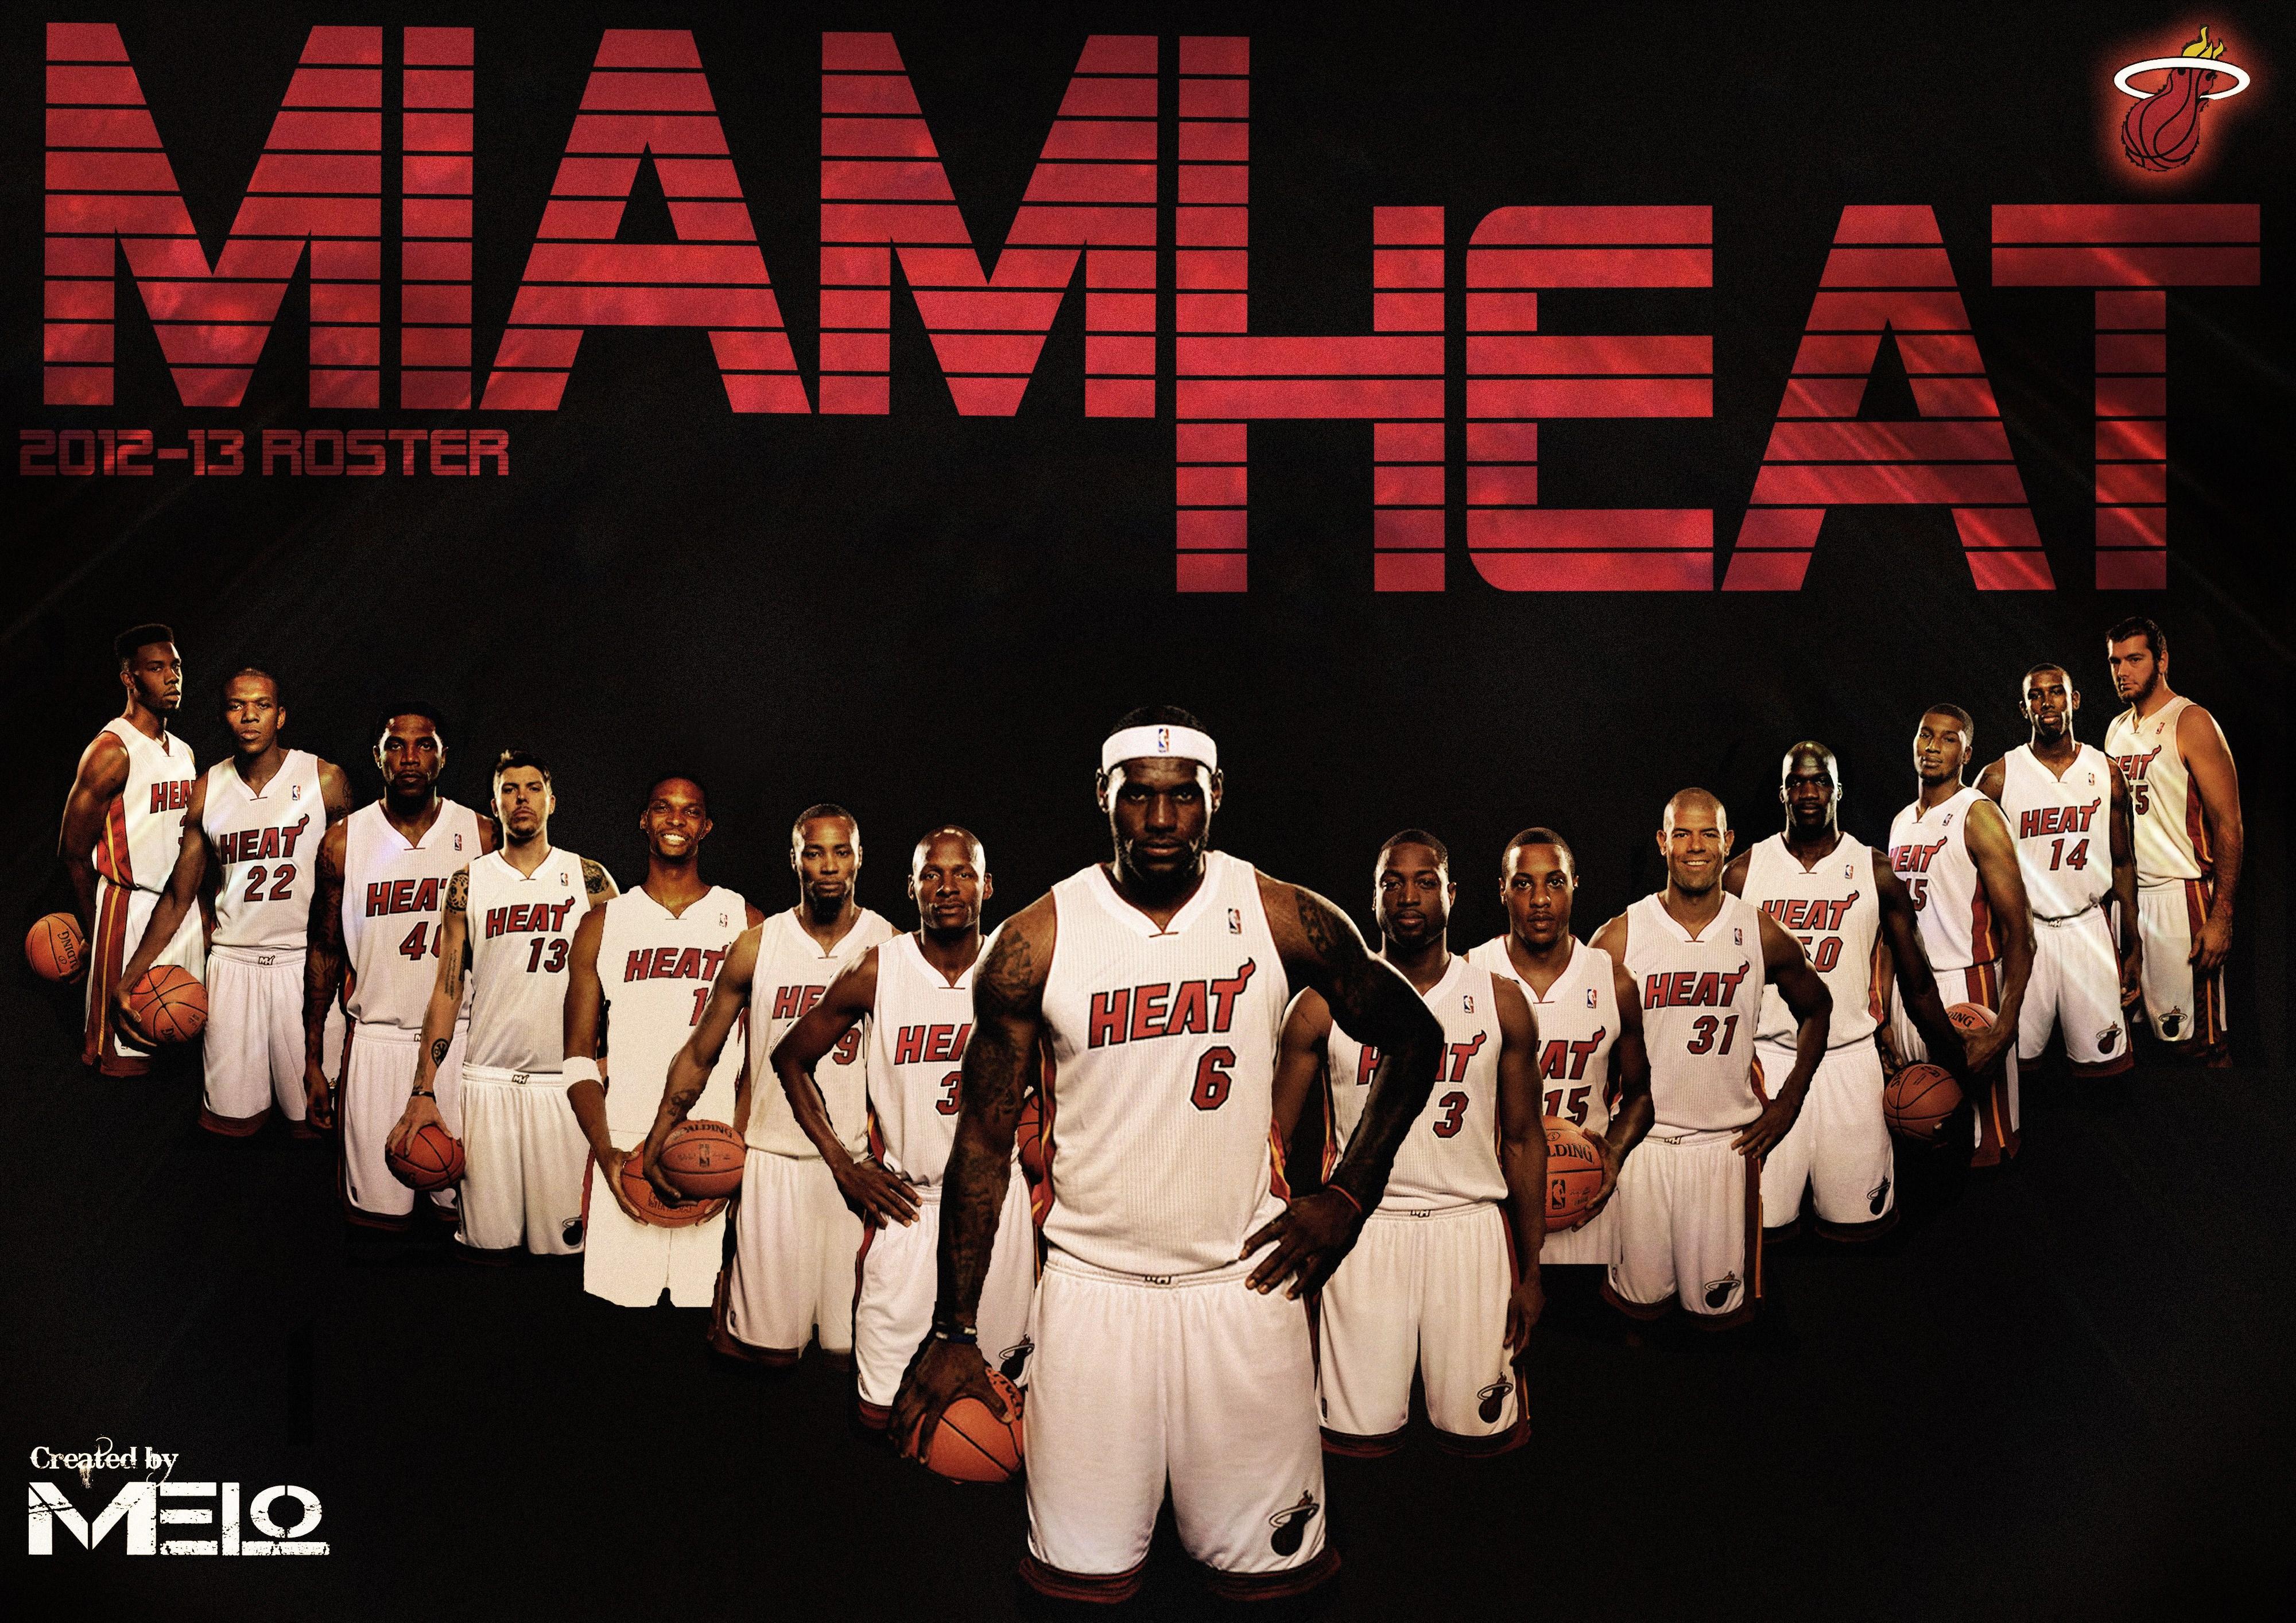 Miami Heat hd wallpapers 4000x2828